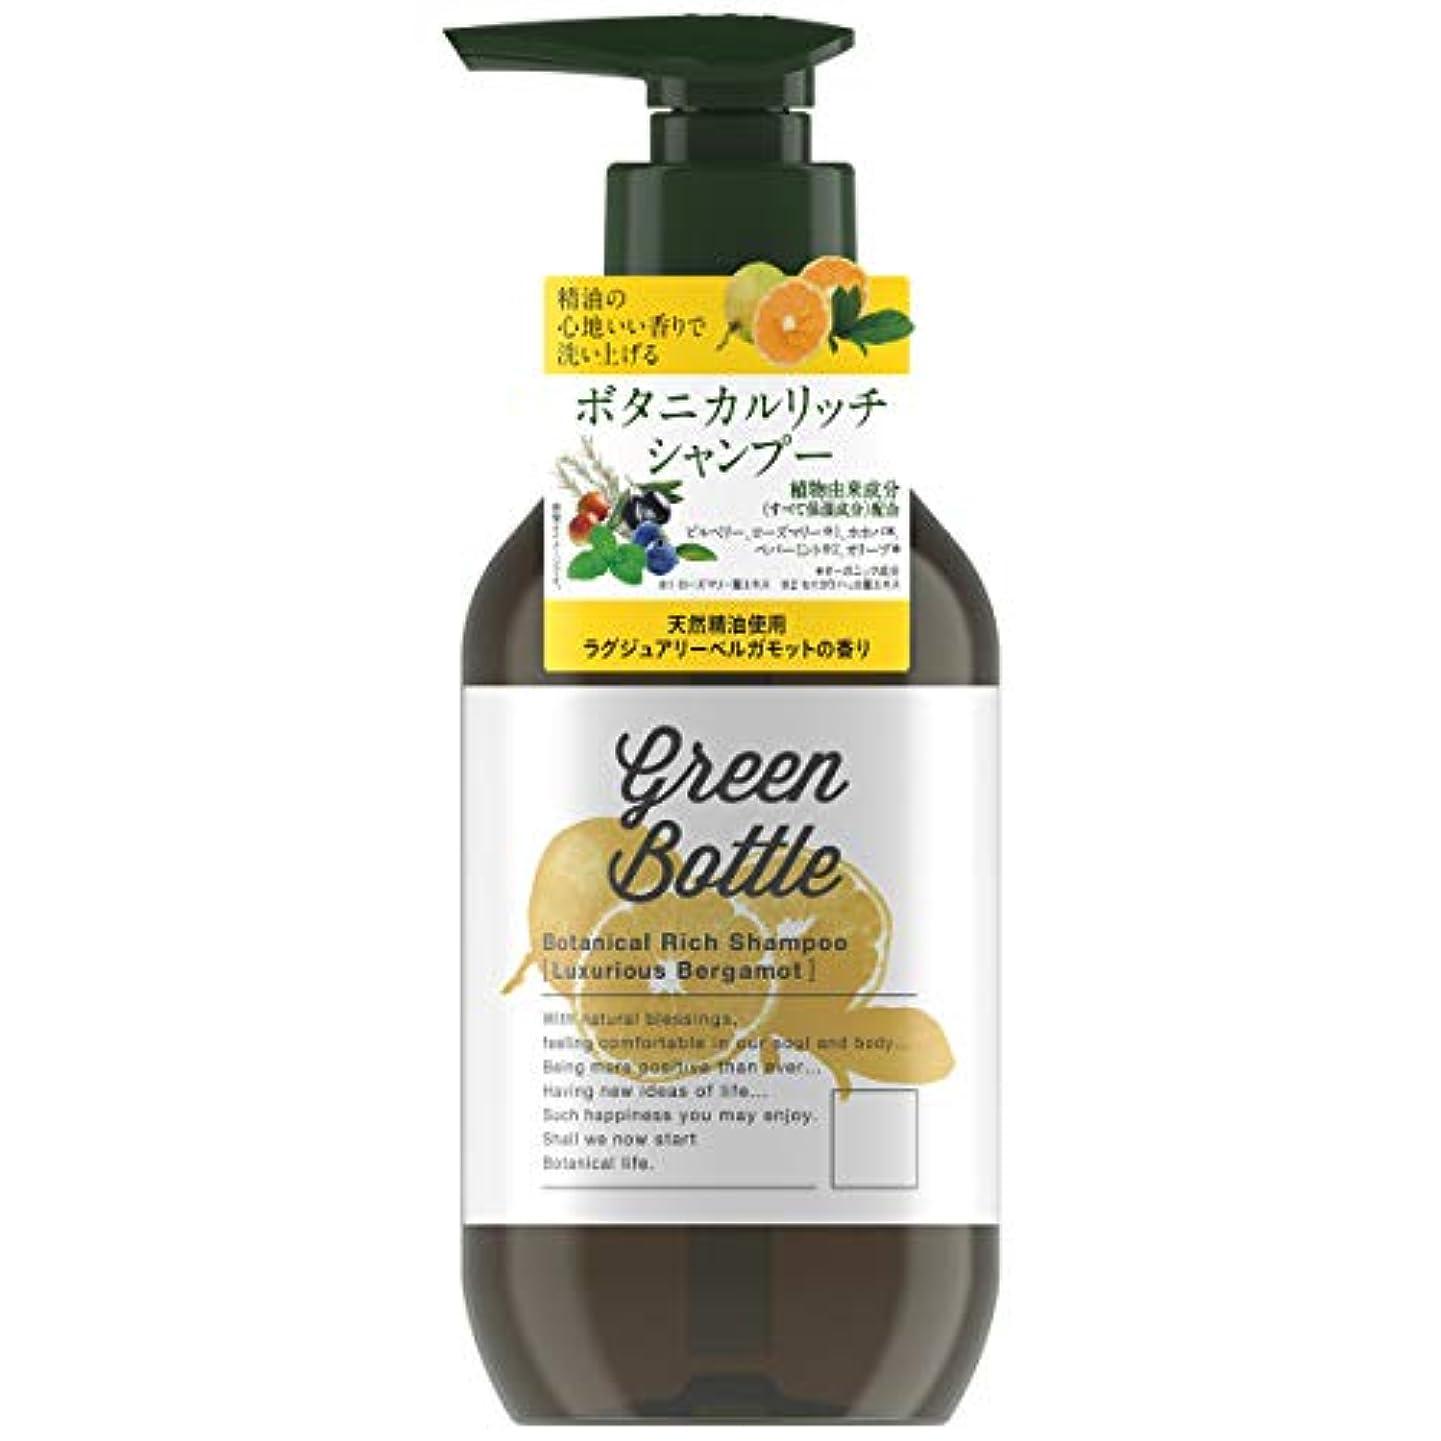 洗うモンクのためグリーンボトルボタニカルリッチシャンプー(ラグジュアリーベルガモットの香り) 490ml